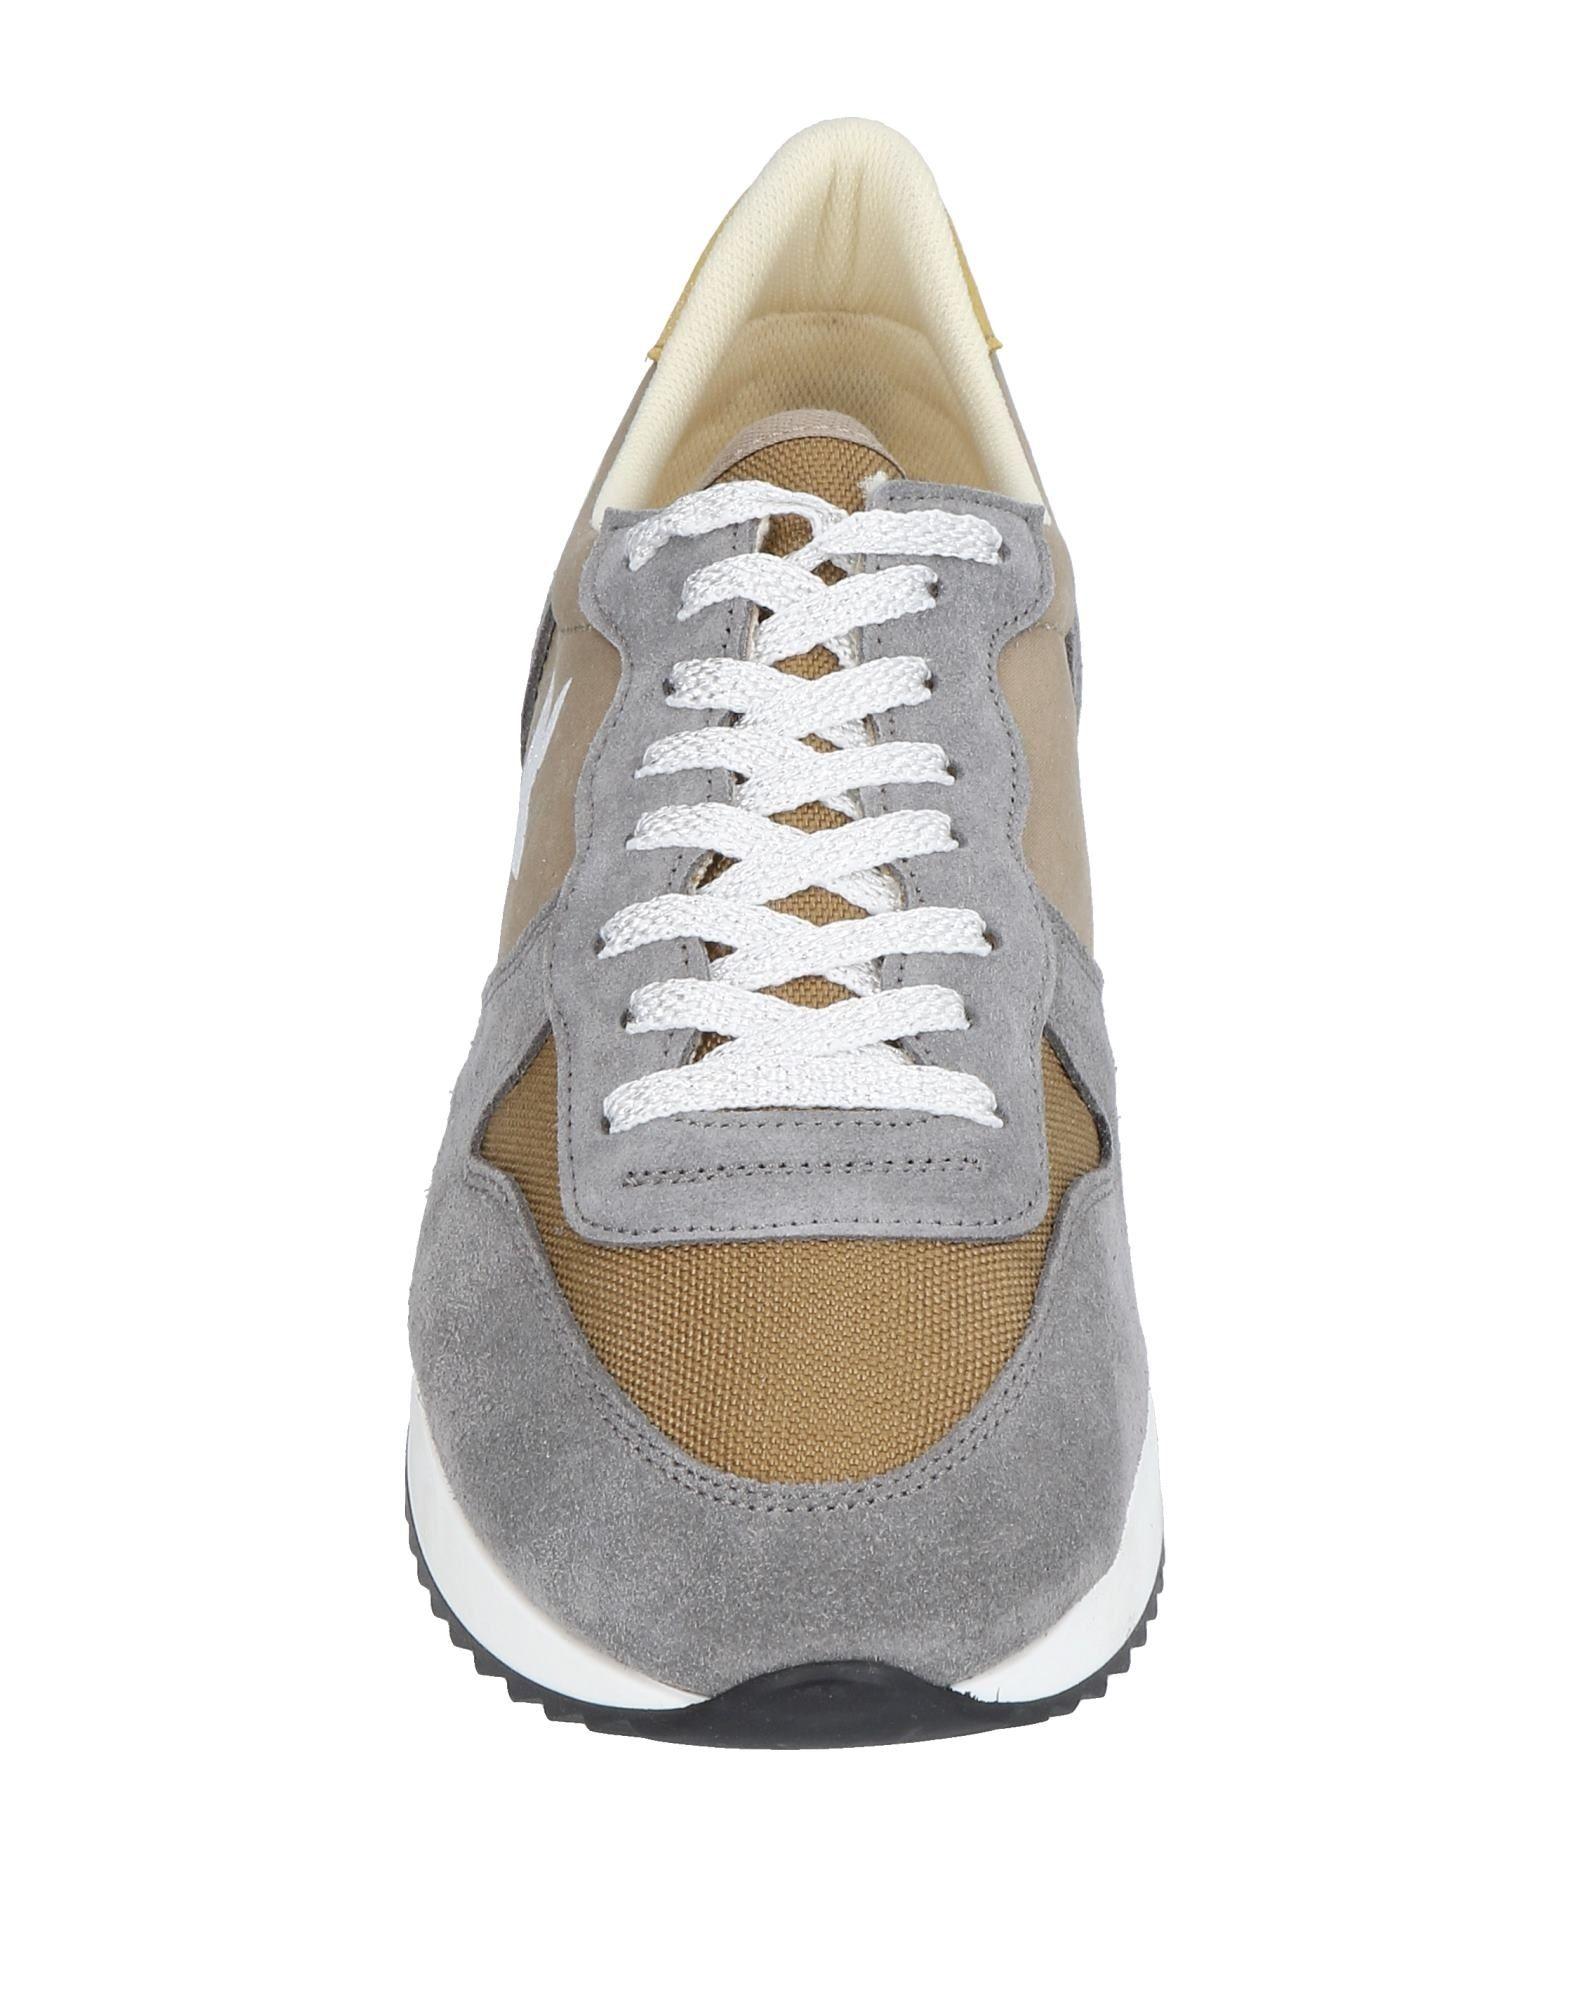 Haus Golden Schuhe Goose Sneakers Damen  11470927RR Neue Schuhe Golden 61b5d0